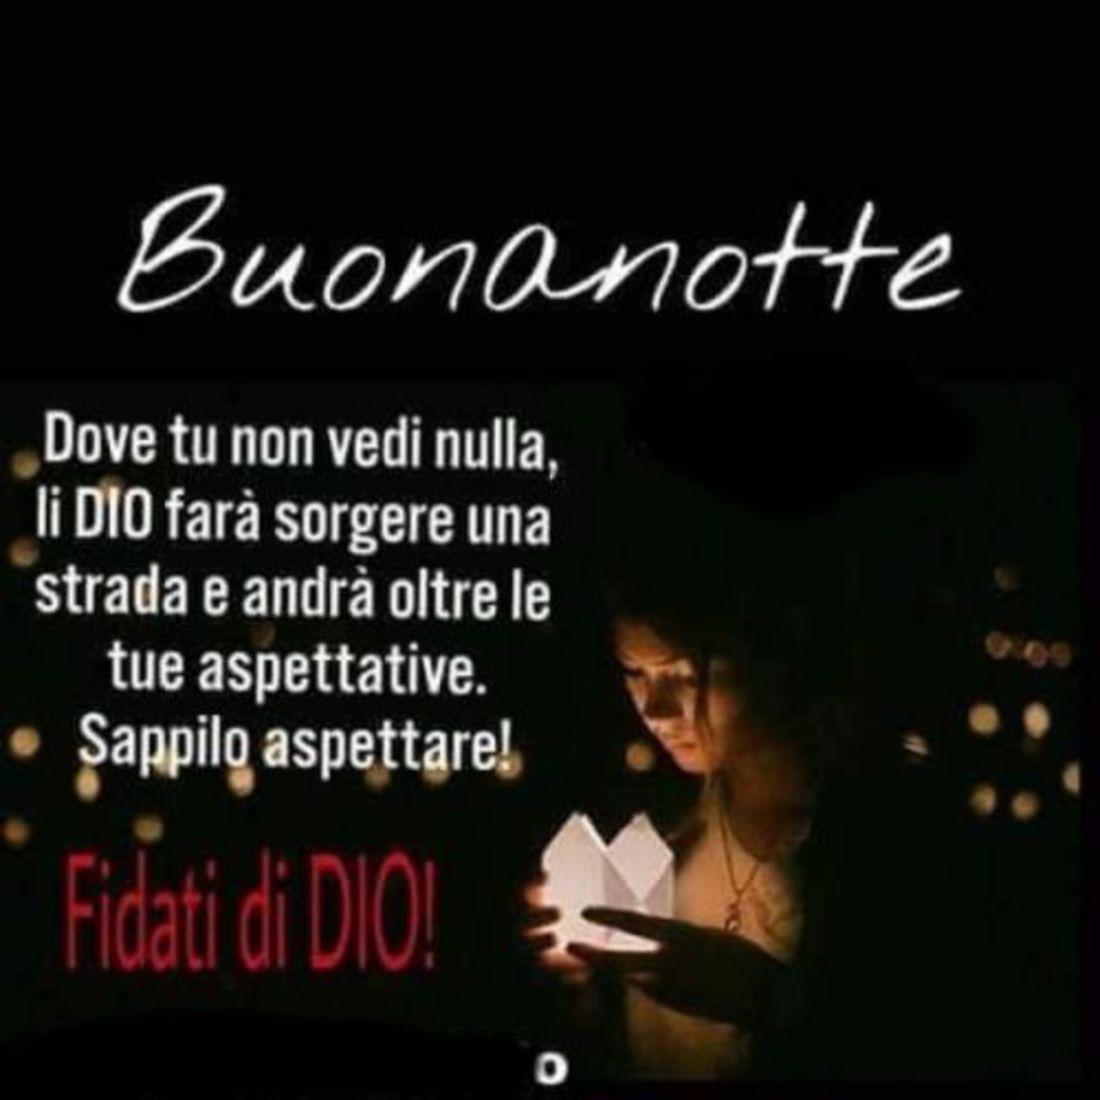 Buonanotte con Dio!